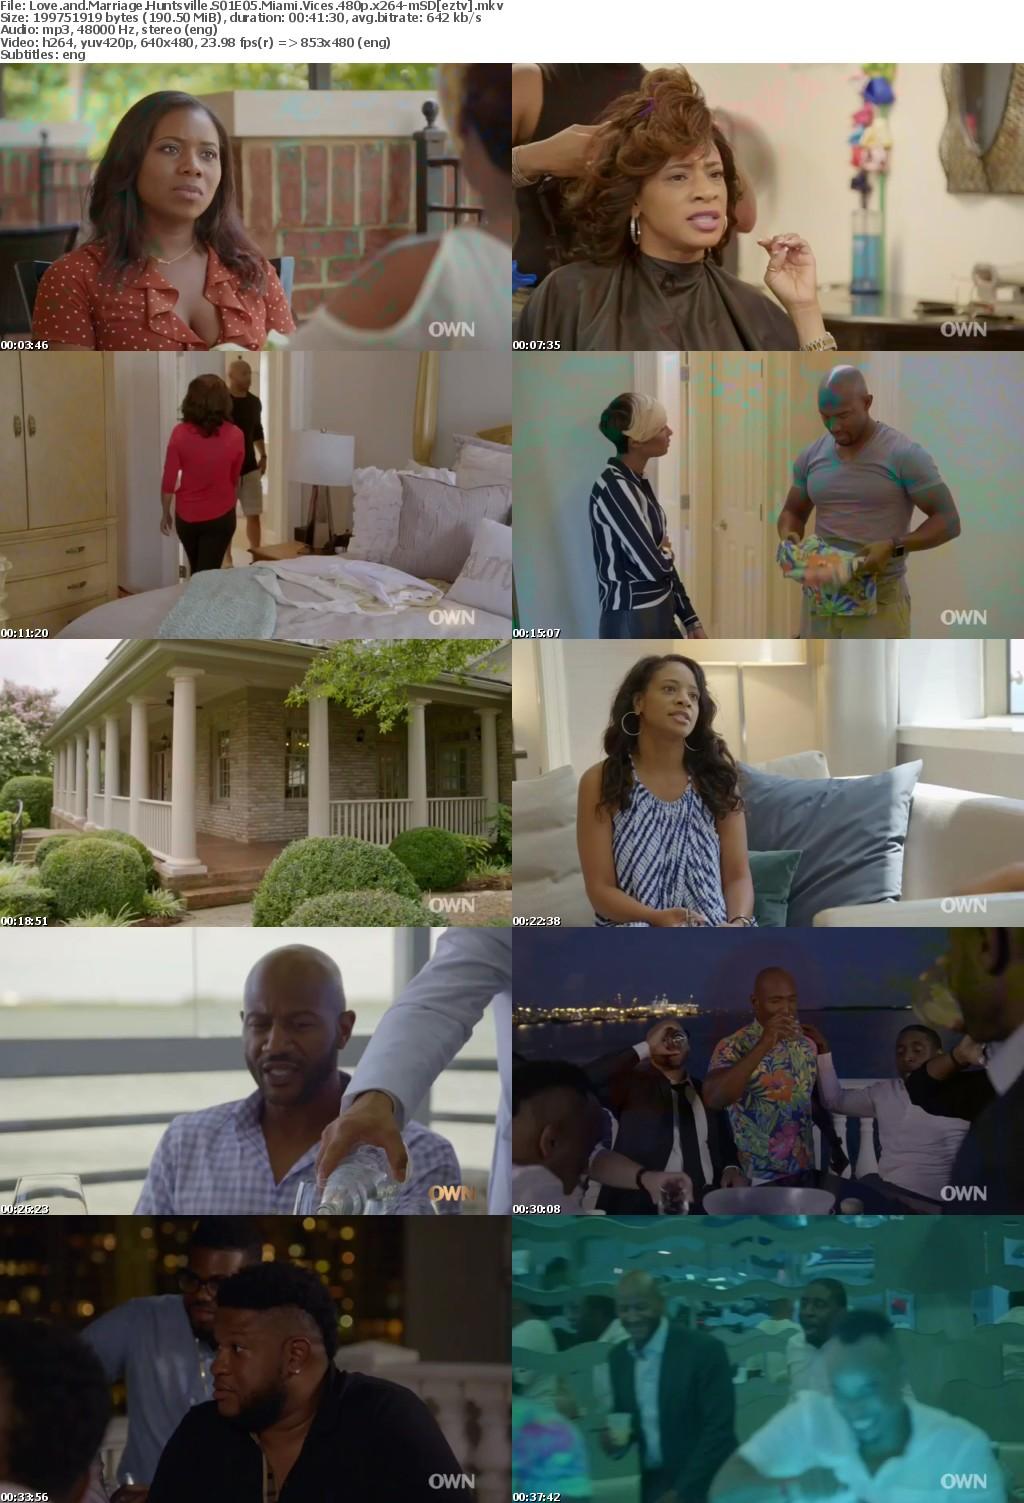 Love and Marriage Huntsville S01E05 Miami Vices 480p x264-mSD